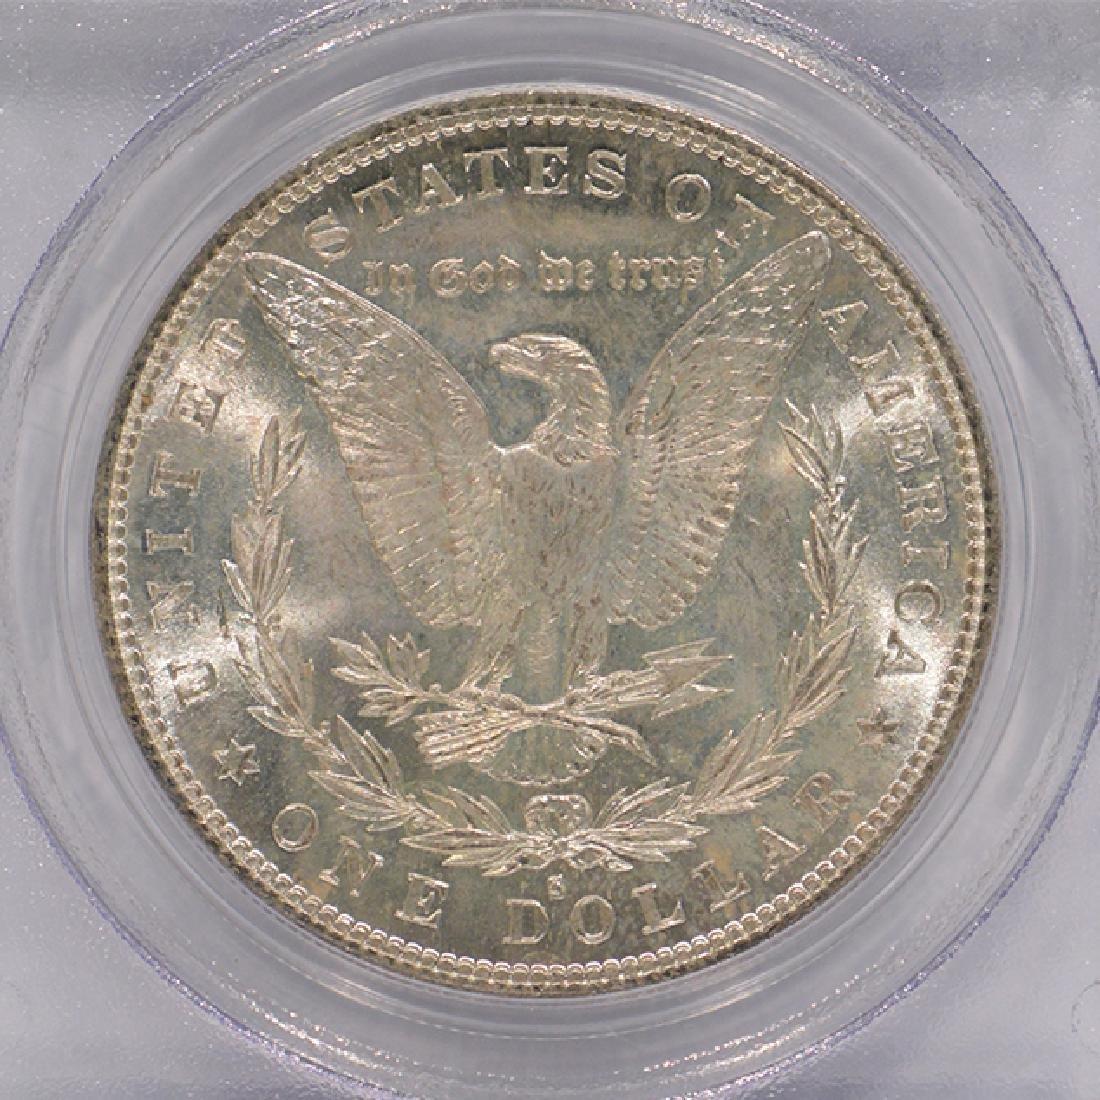 1882-S $1 Morgan Silver Dollar Coin PCGS MS63 - 4